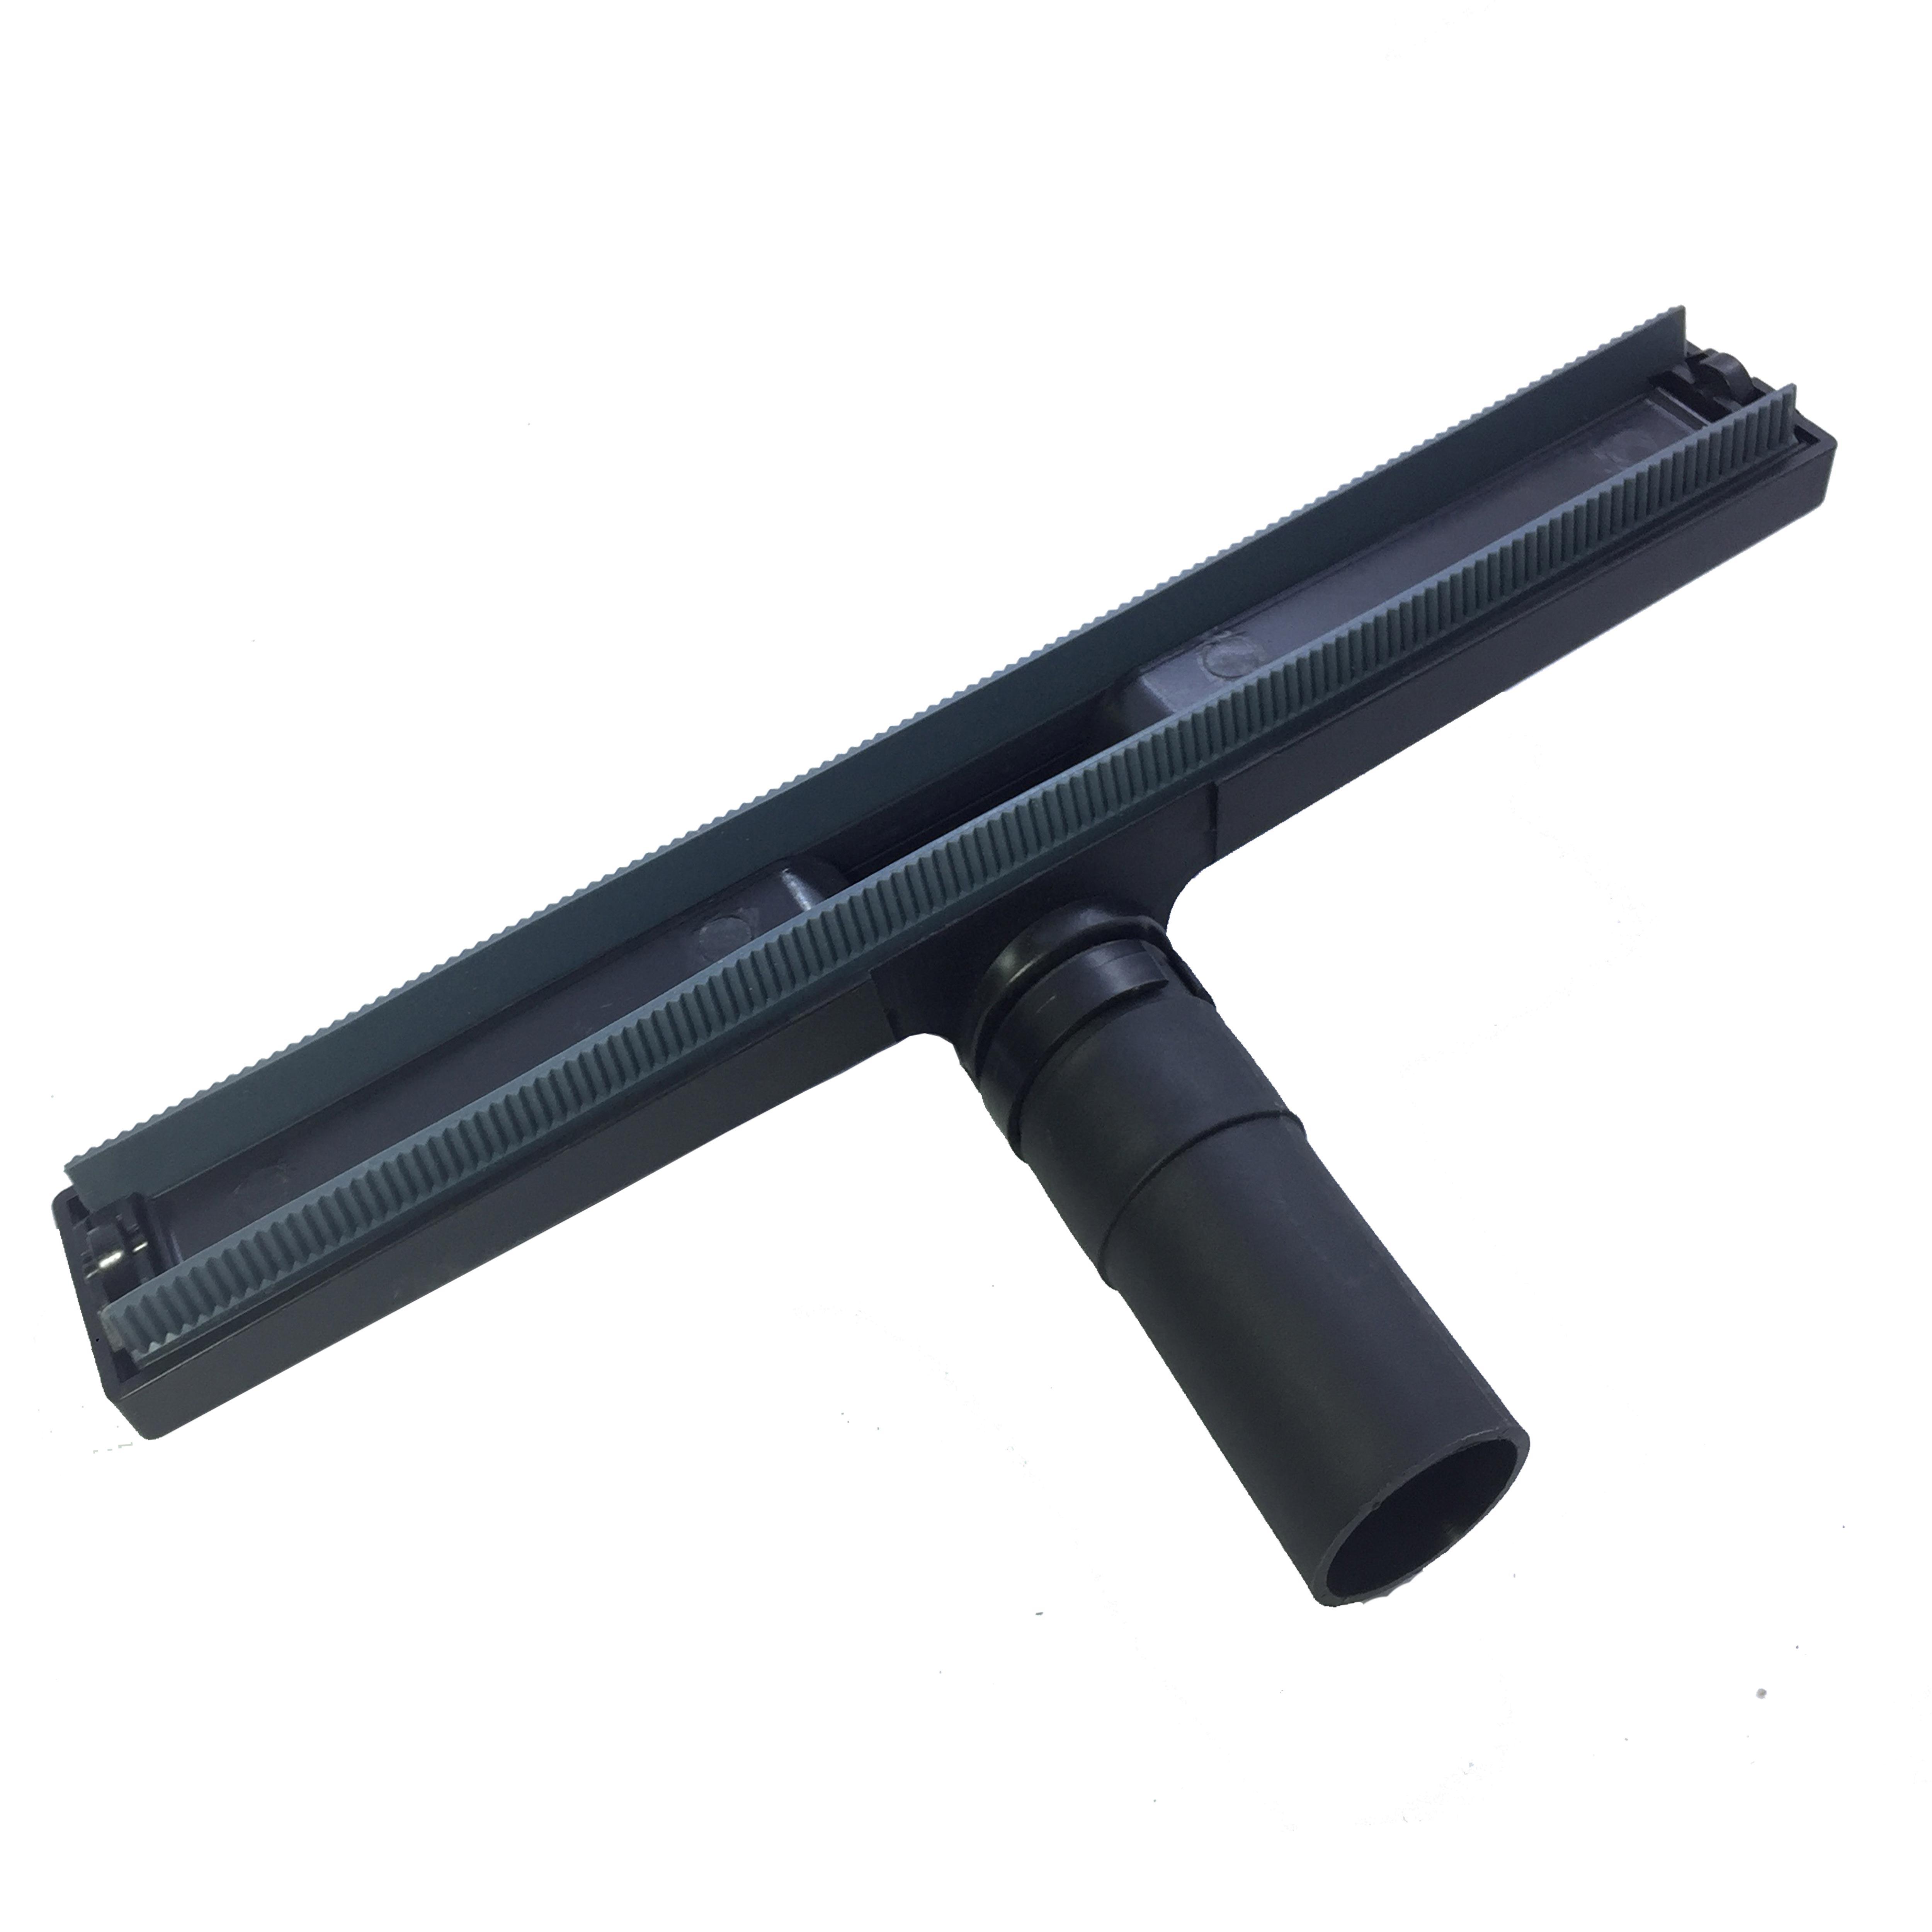 Bàn hút bụi nước máy hút bụi dung tích 60L, 80L 90L đường kính ống nối  38mm thương hiệu MLEE Trung Quốc, bền, đẹp, chất lượng cao